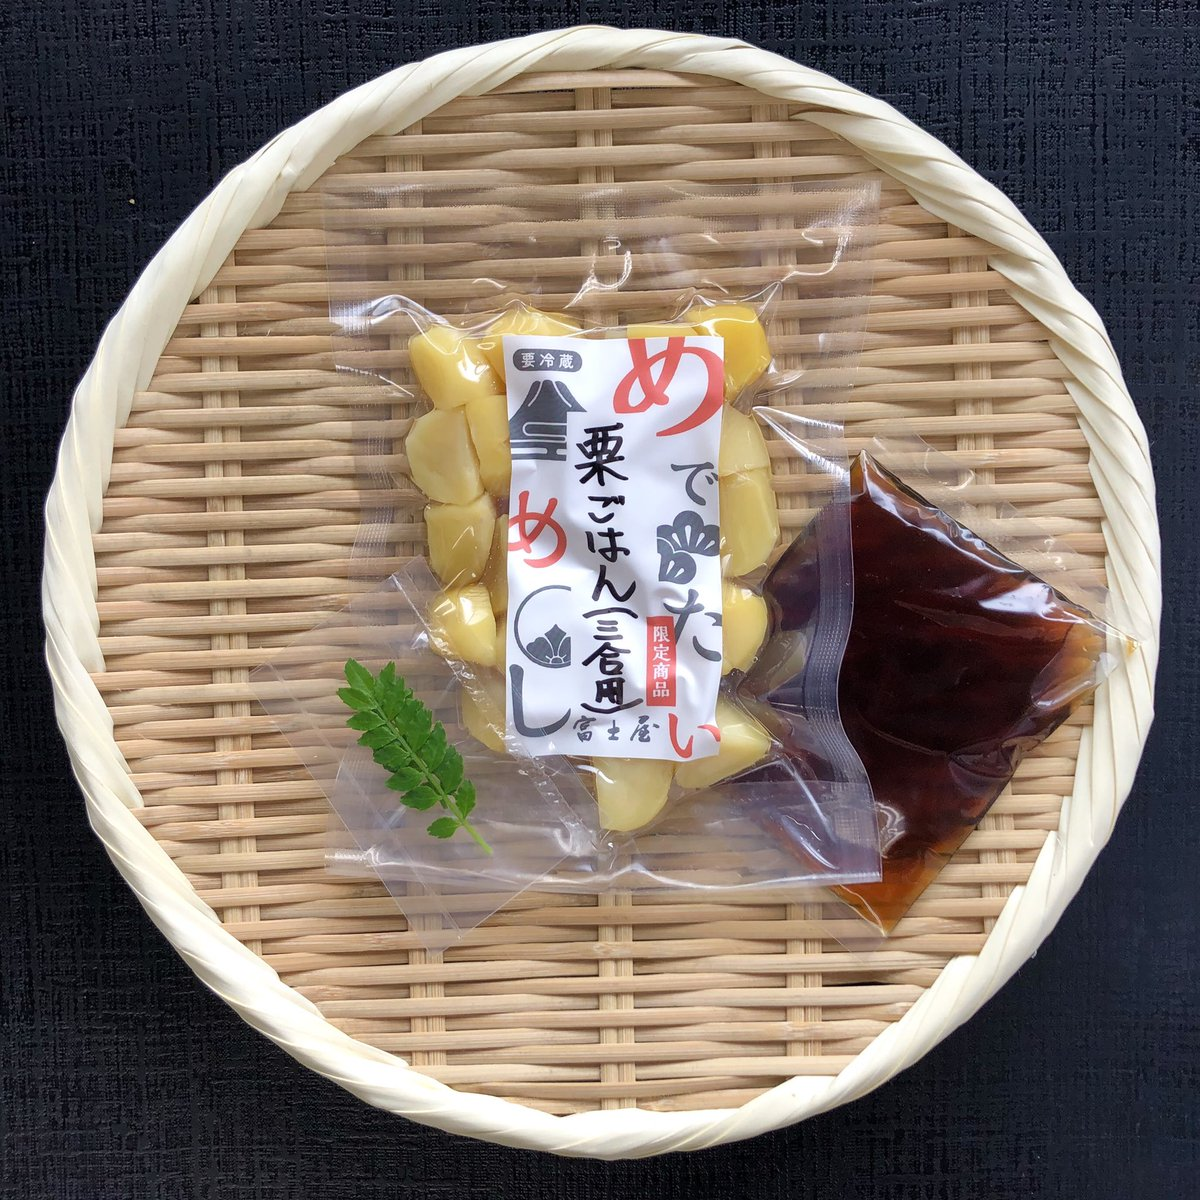 『栗ごはんの素』秋の限定商品🍁 厳選した香川県産の甘栗を使用🌰 当店秘伝の炊き込みご飯の調味料は無添加・保存料不使用で素材の味を引き立てます。 木の芽が付いて、香り良し映えよし🌿 家庭の食卓に秋の彩りを加えます☺️ オンラインショップ↓ https://t.co/YxnJPQPiCe https://t.co/Hk3VUgZPJU